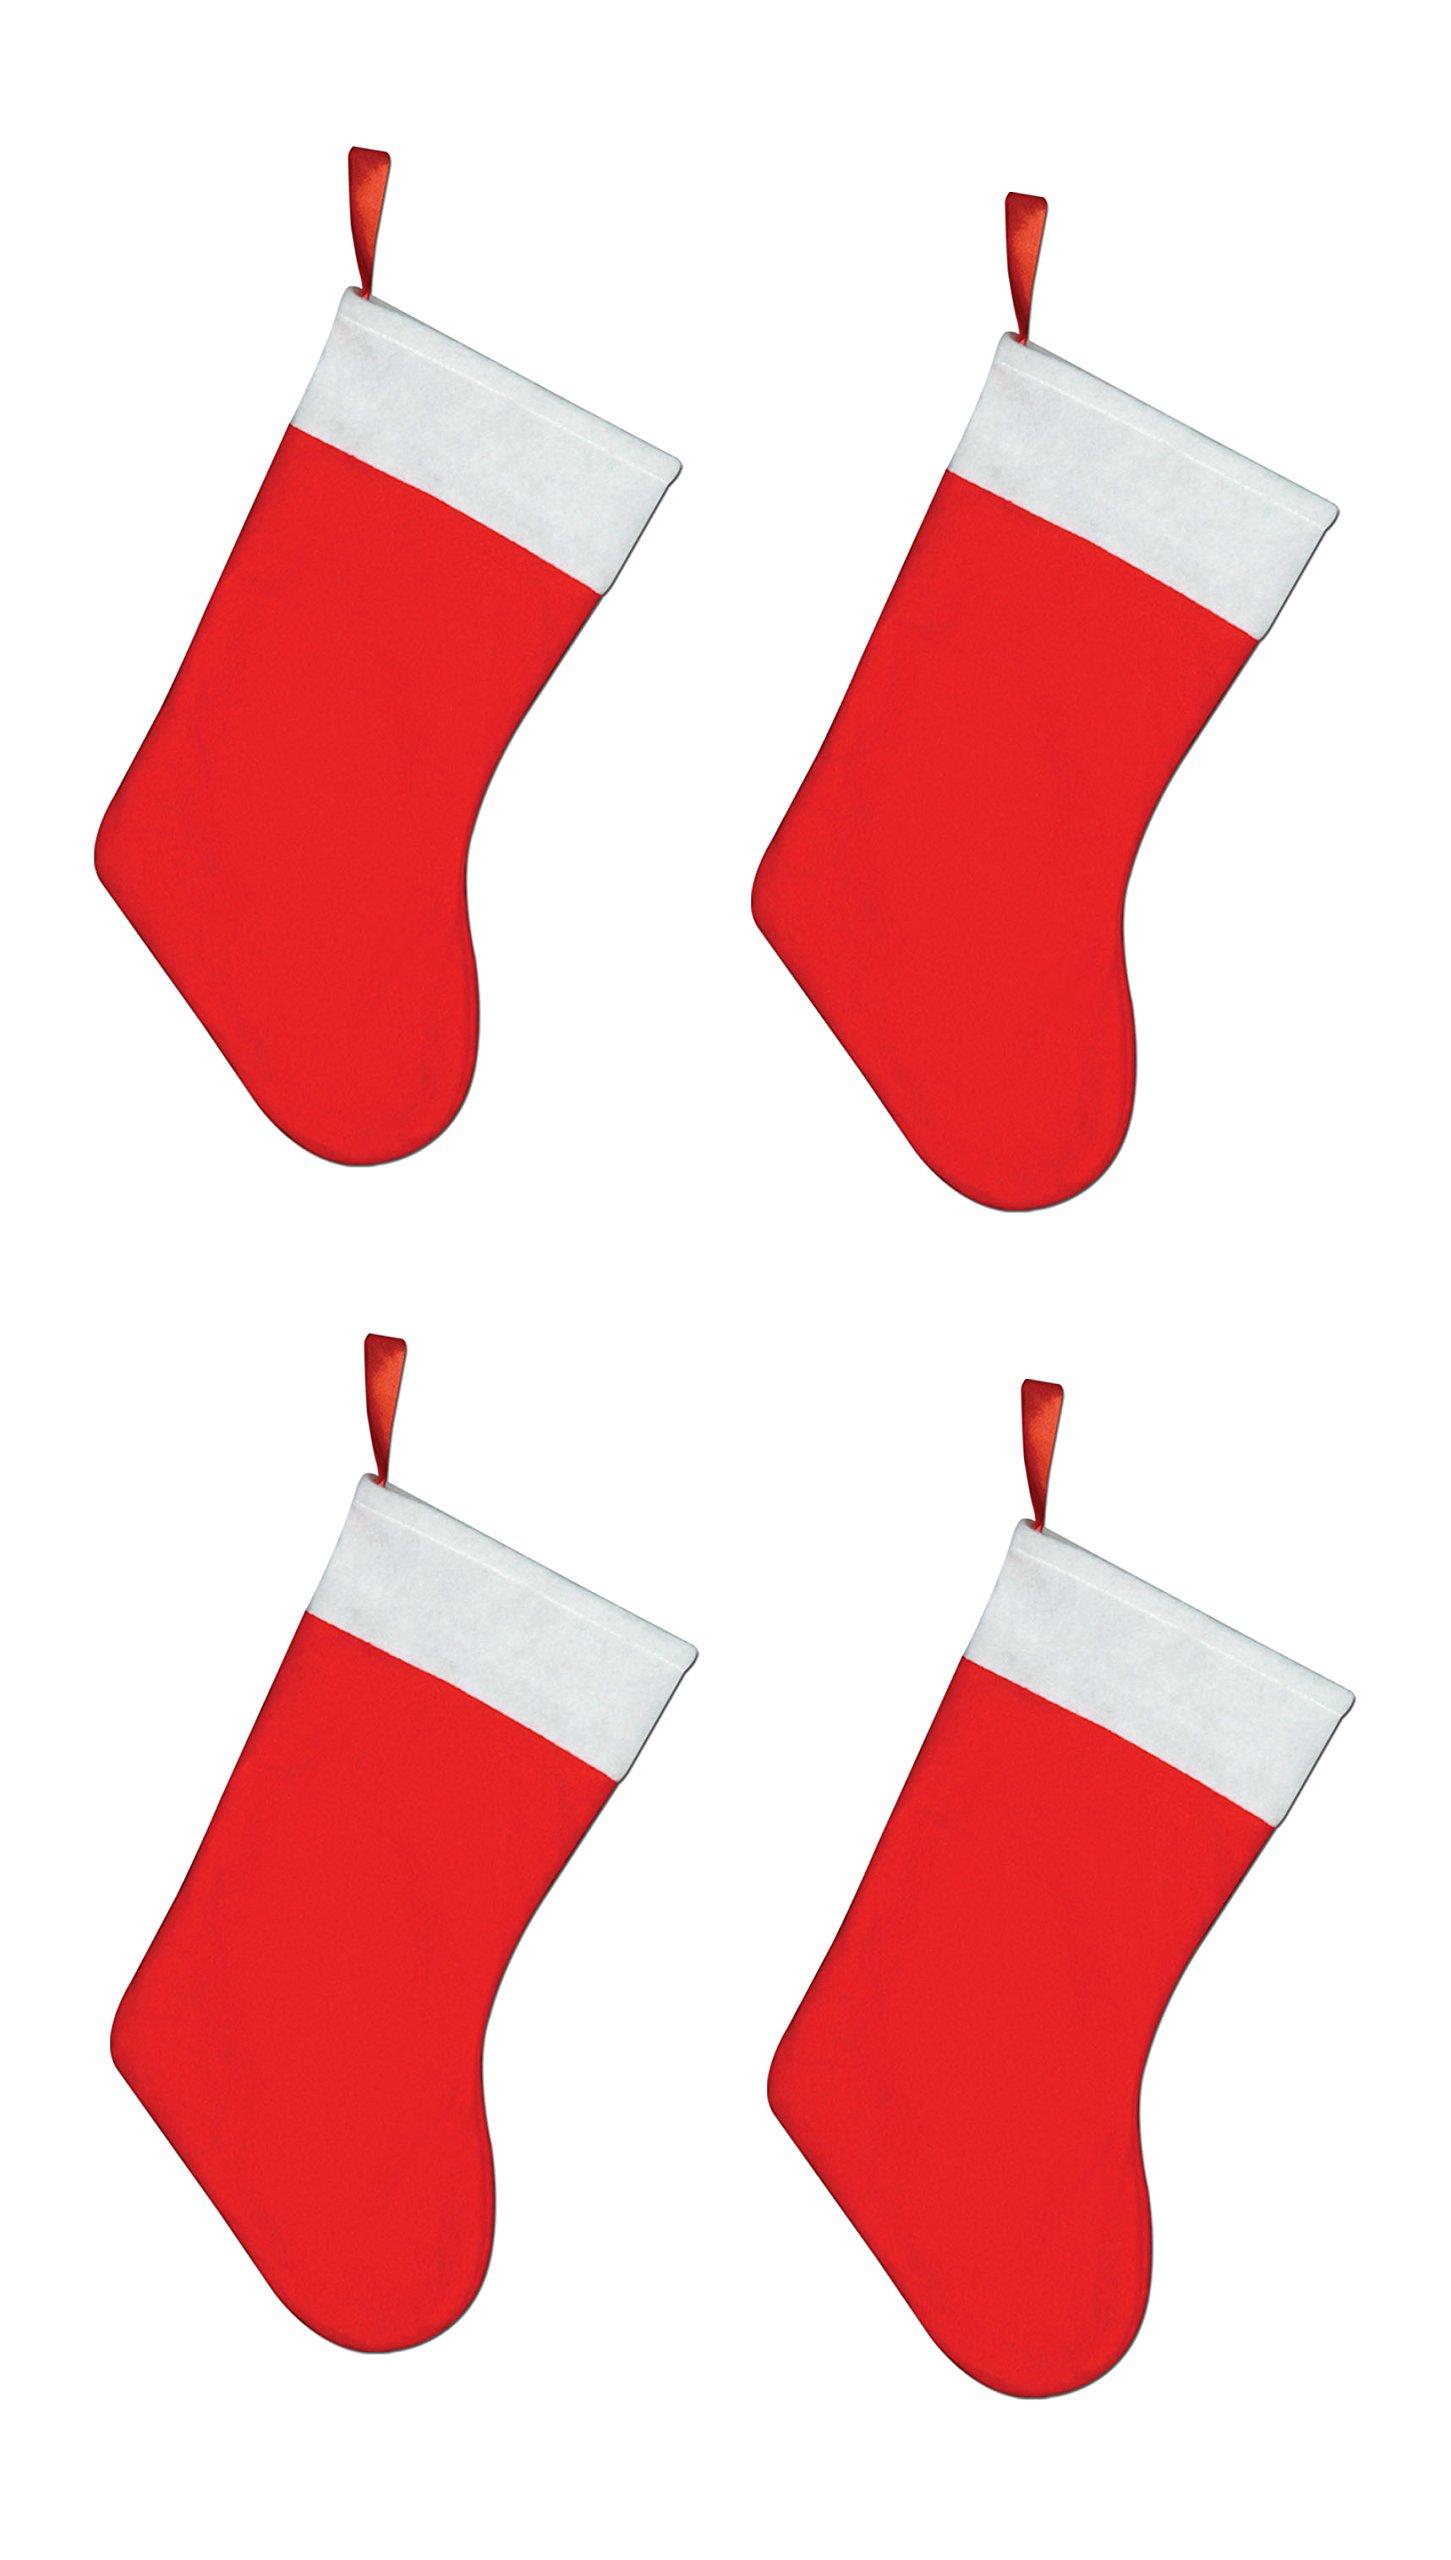 Beistle S20734AZ4, 4 Piece Felt Christmas Stockings, 15'' (Red/White)